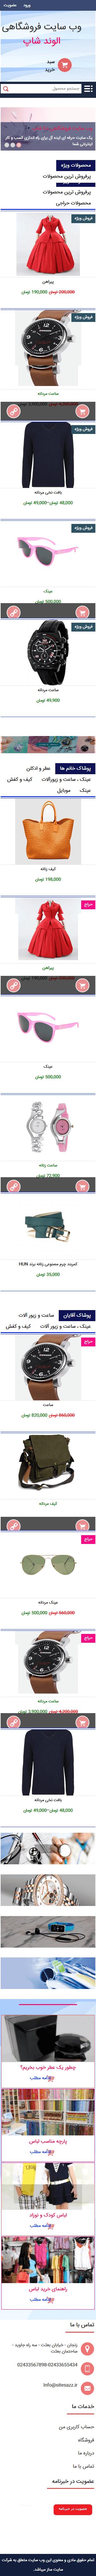 حالت موبایل سایت فروشگاهی الوند شاپ